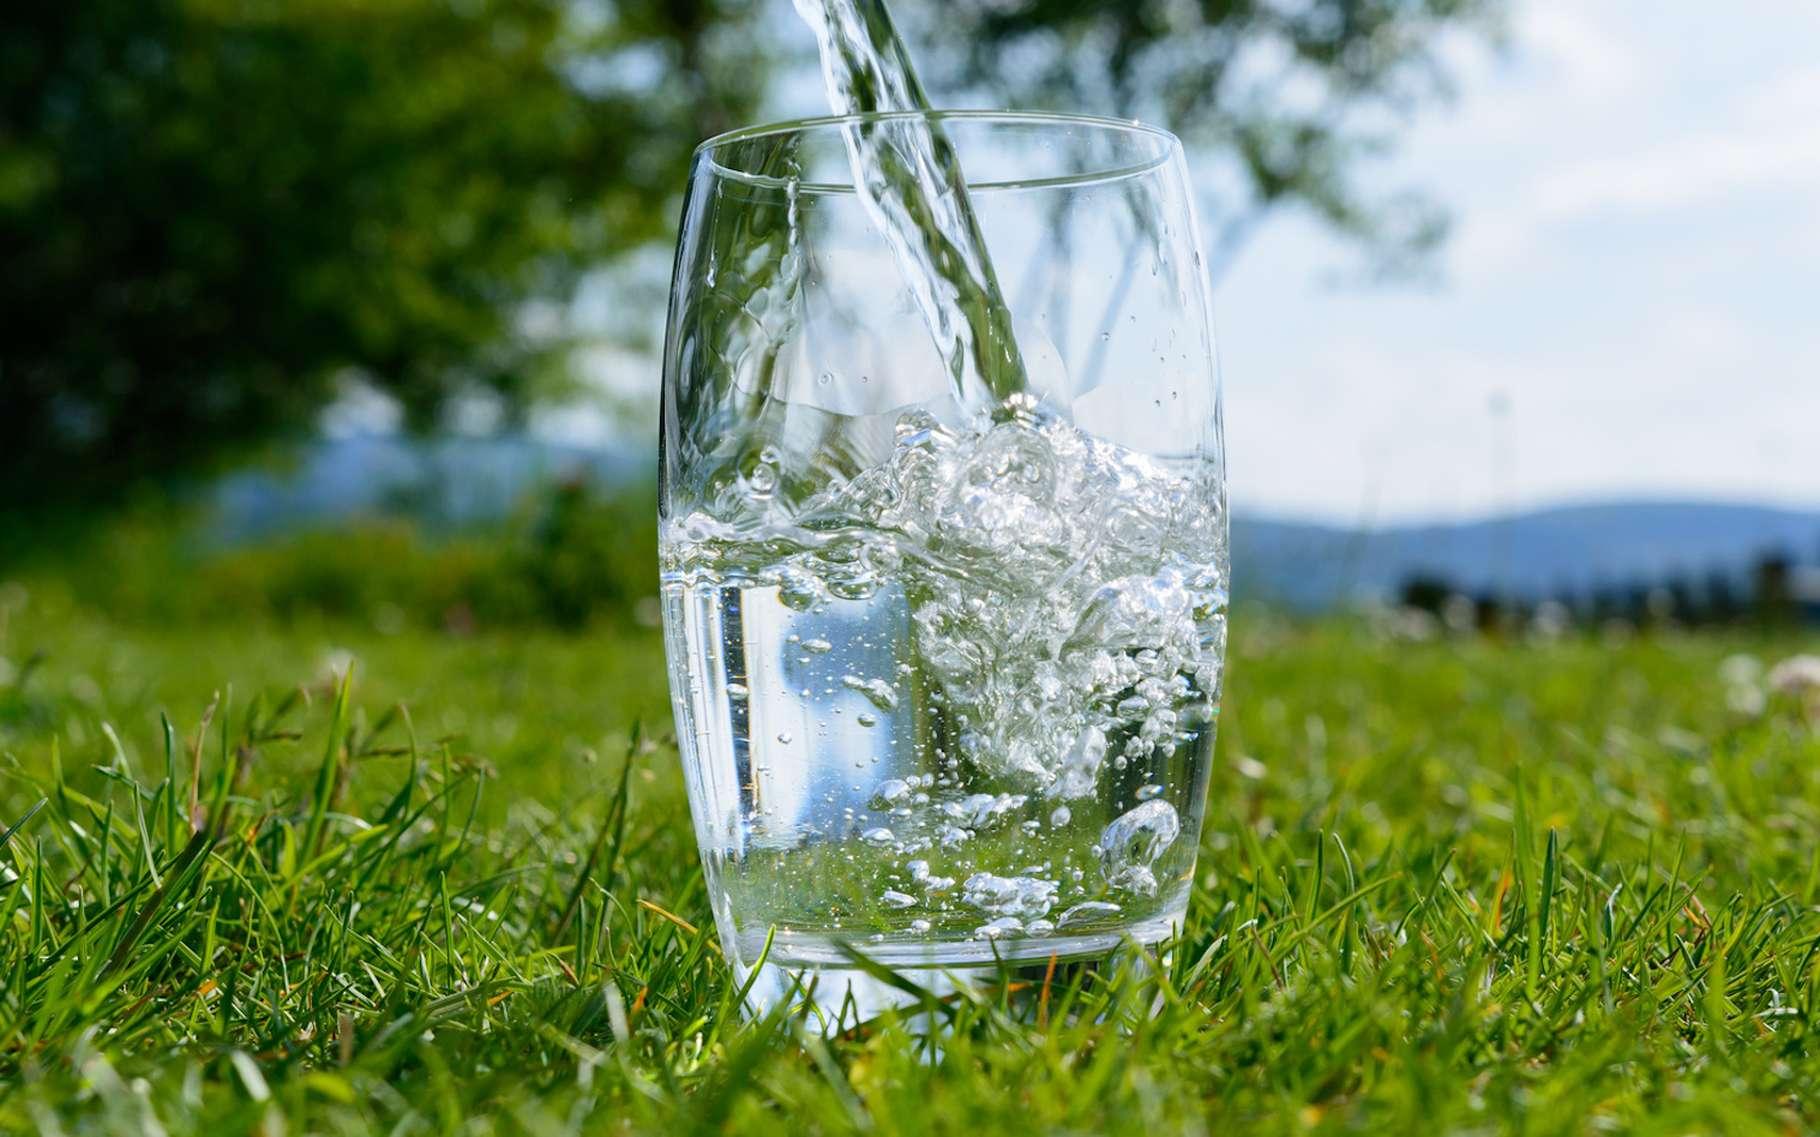 Des chercheurs australiens proposent un filtre à eau à base de métaux liquides et qu'ils qualifient de «durable, écologique, évolutif et économique». © Tobias, Fotolia